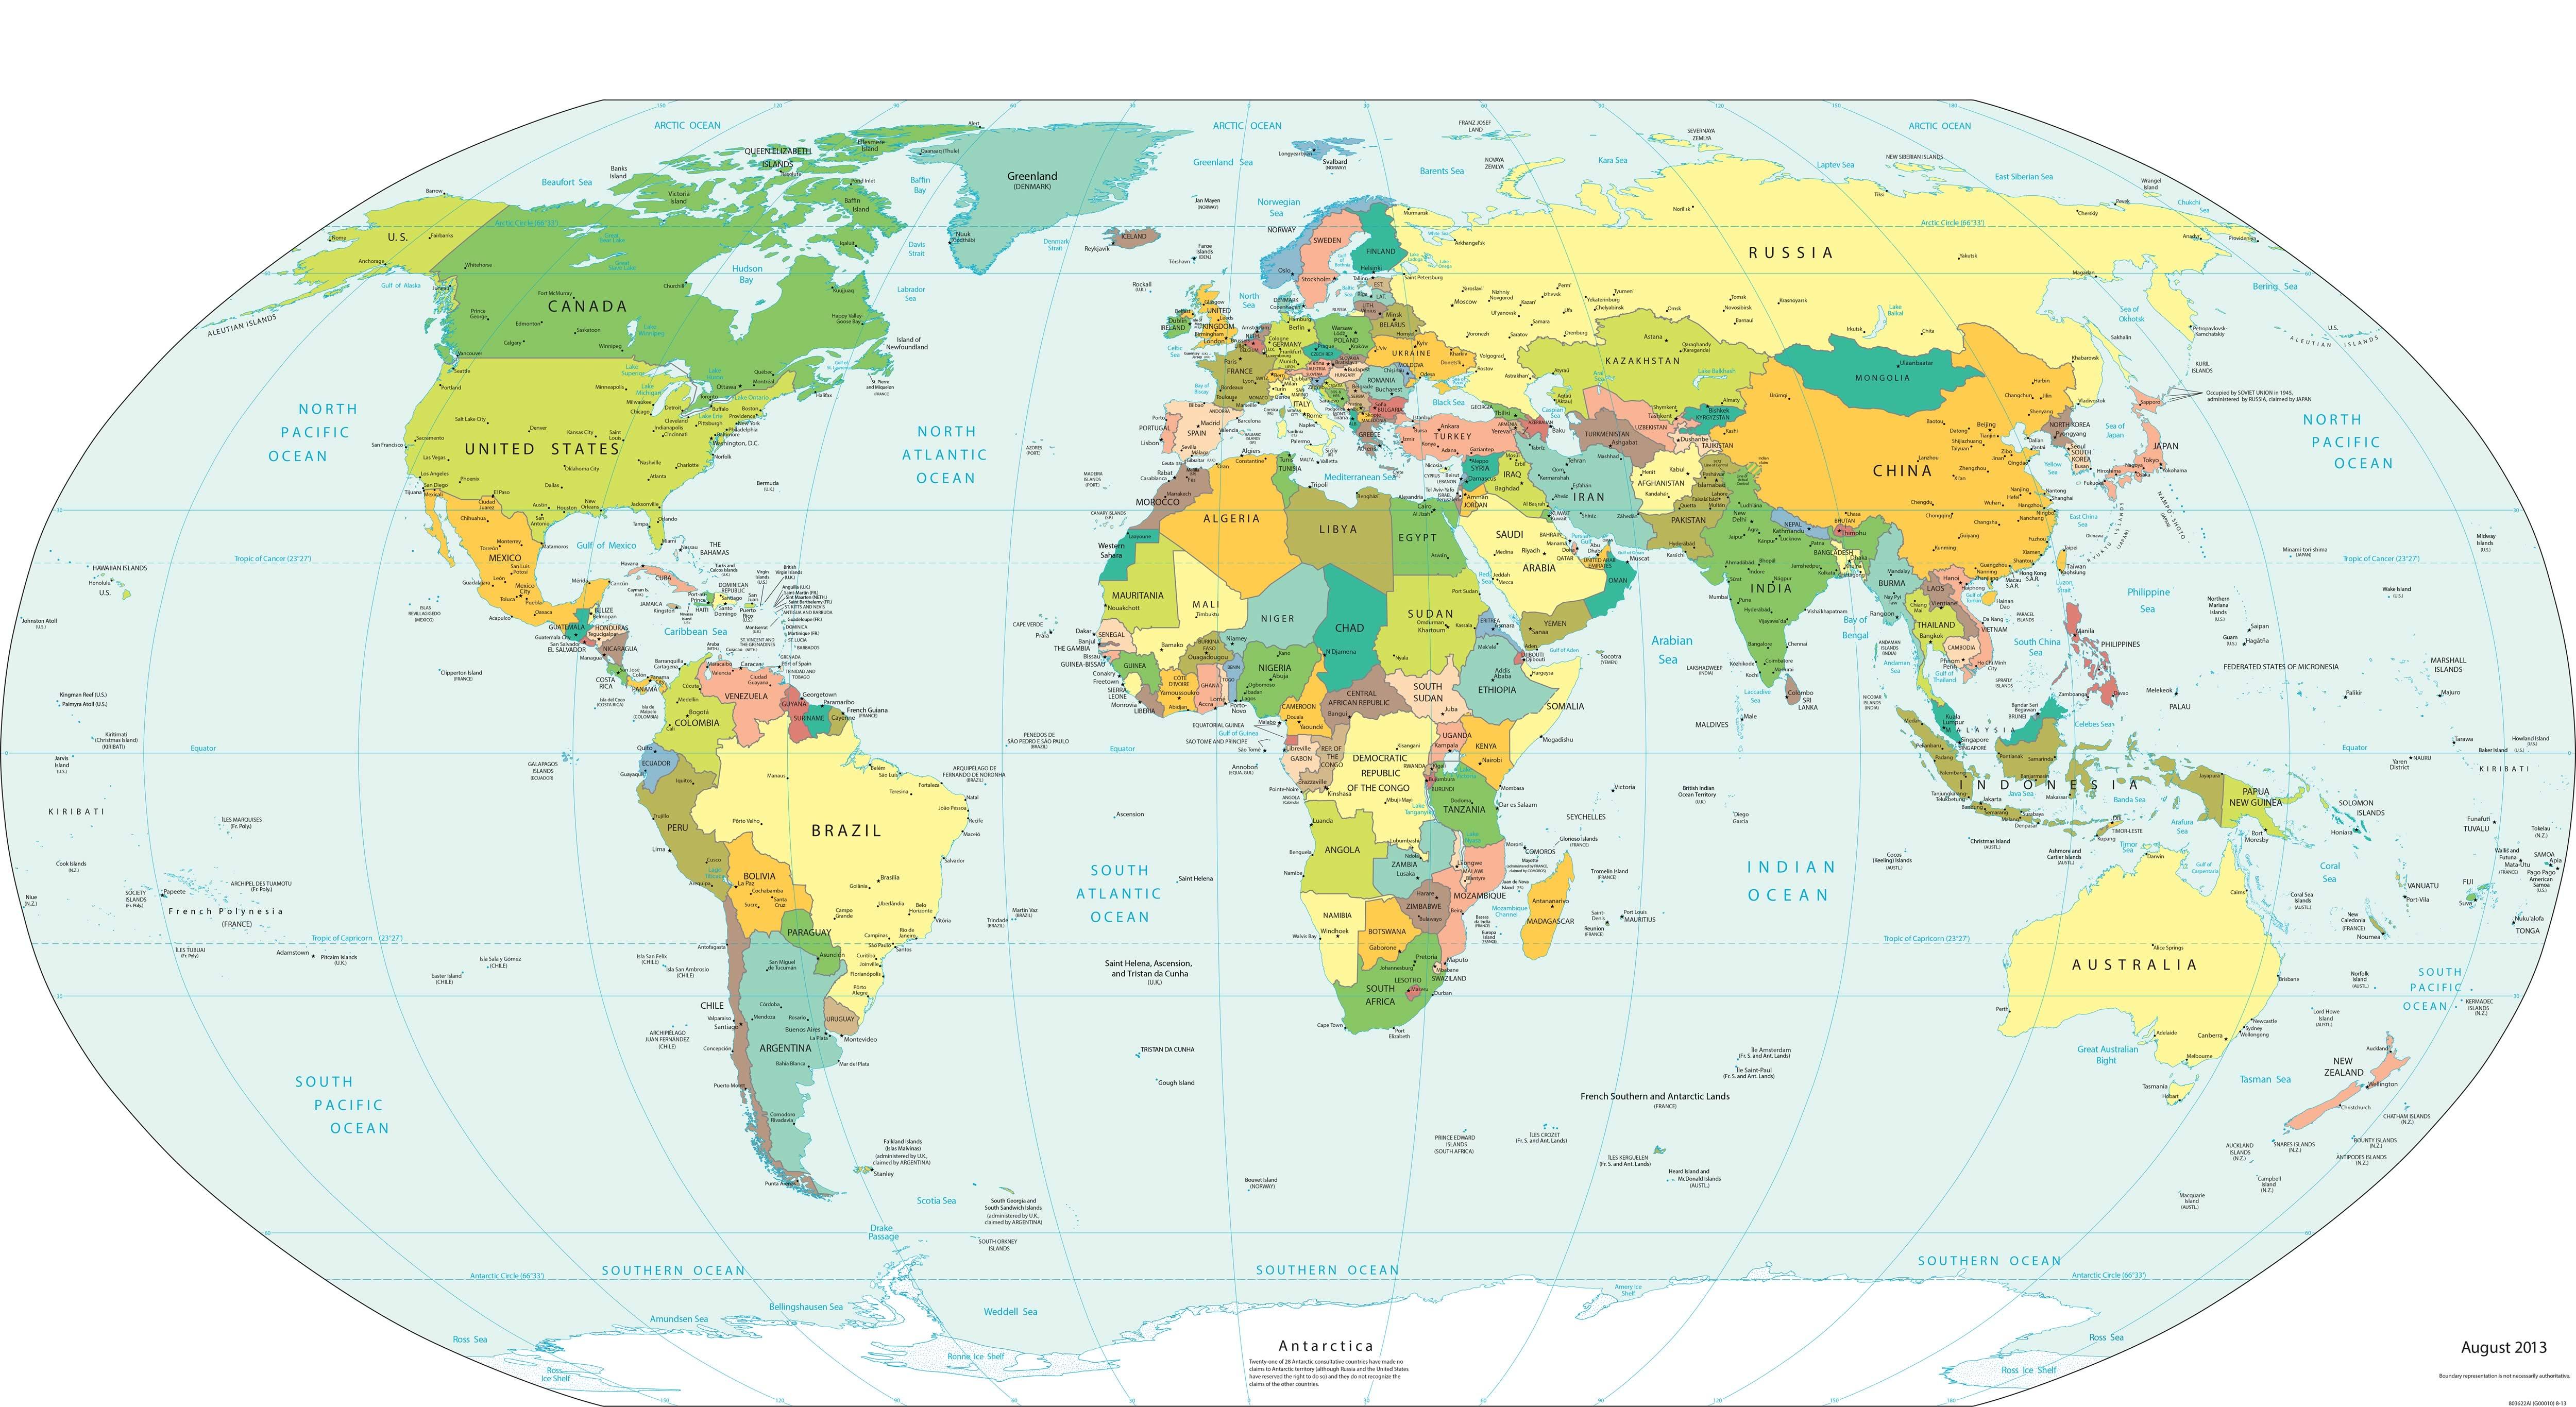 World Map - Worldometer